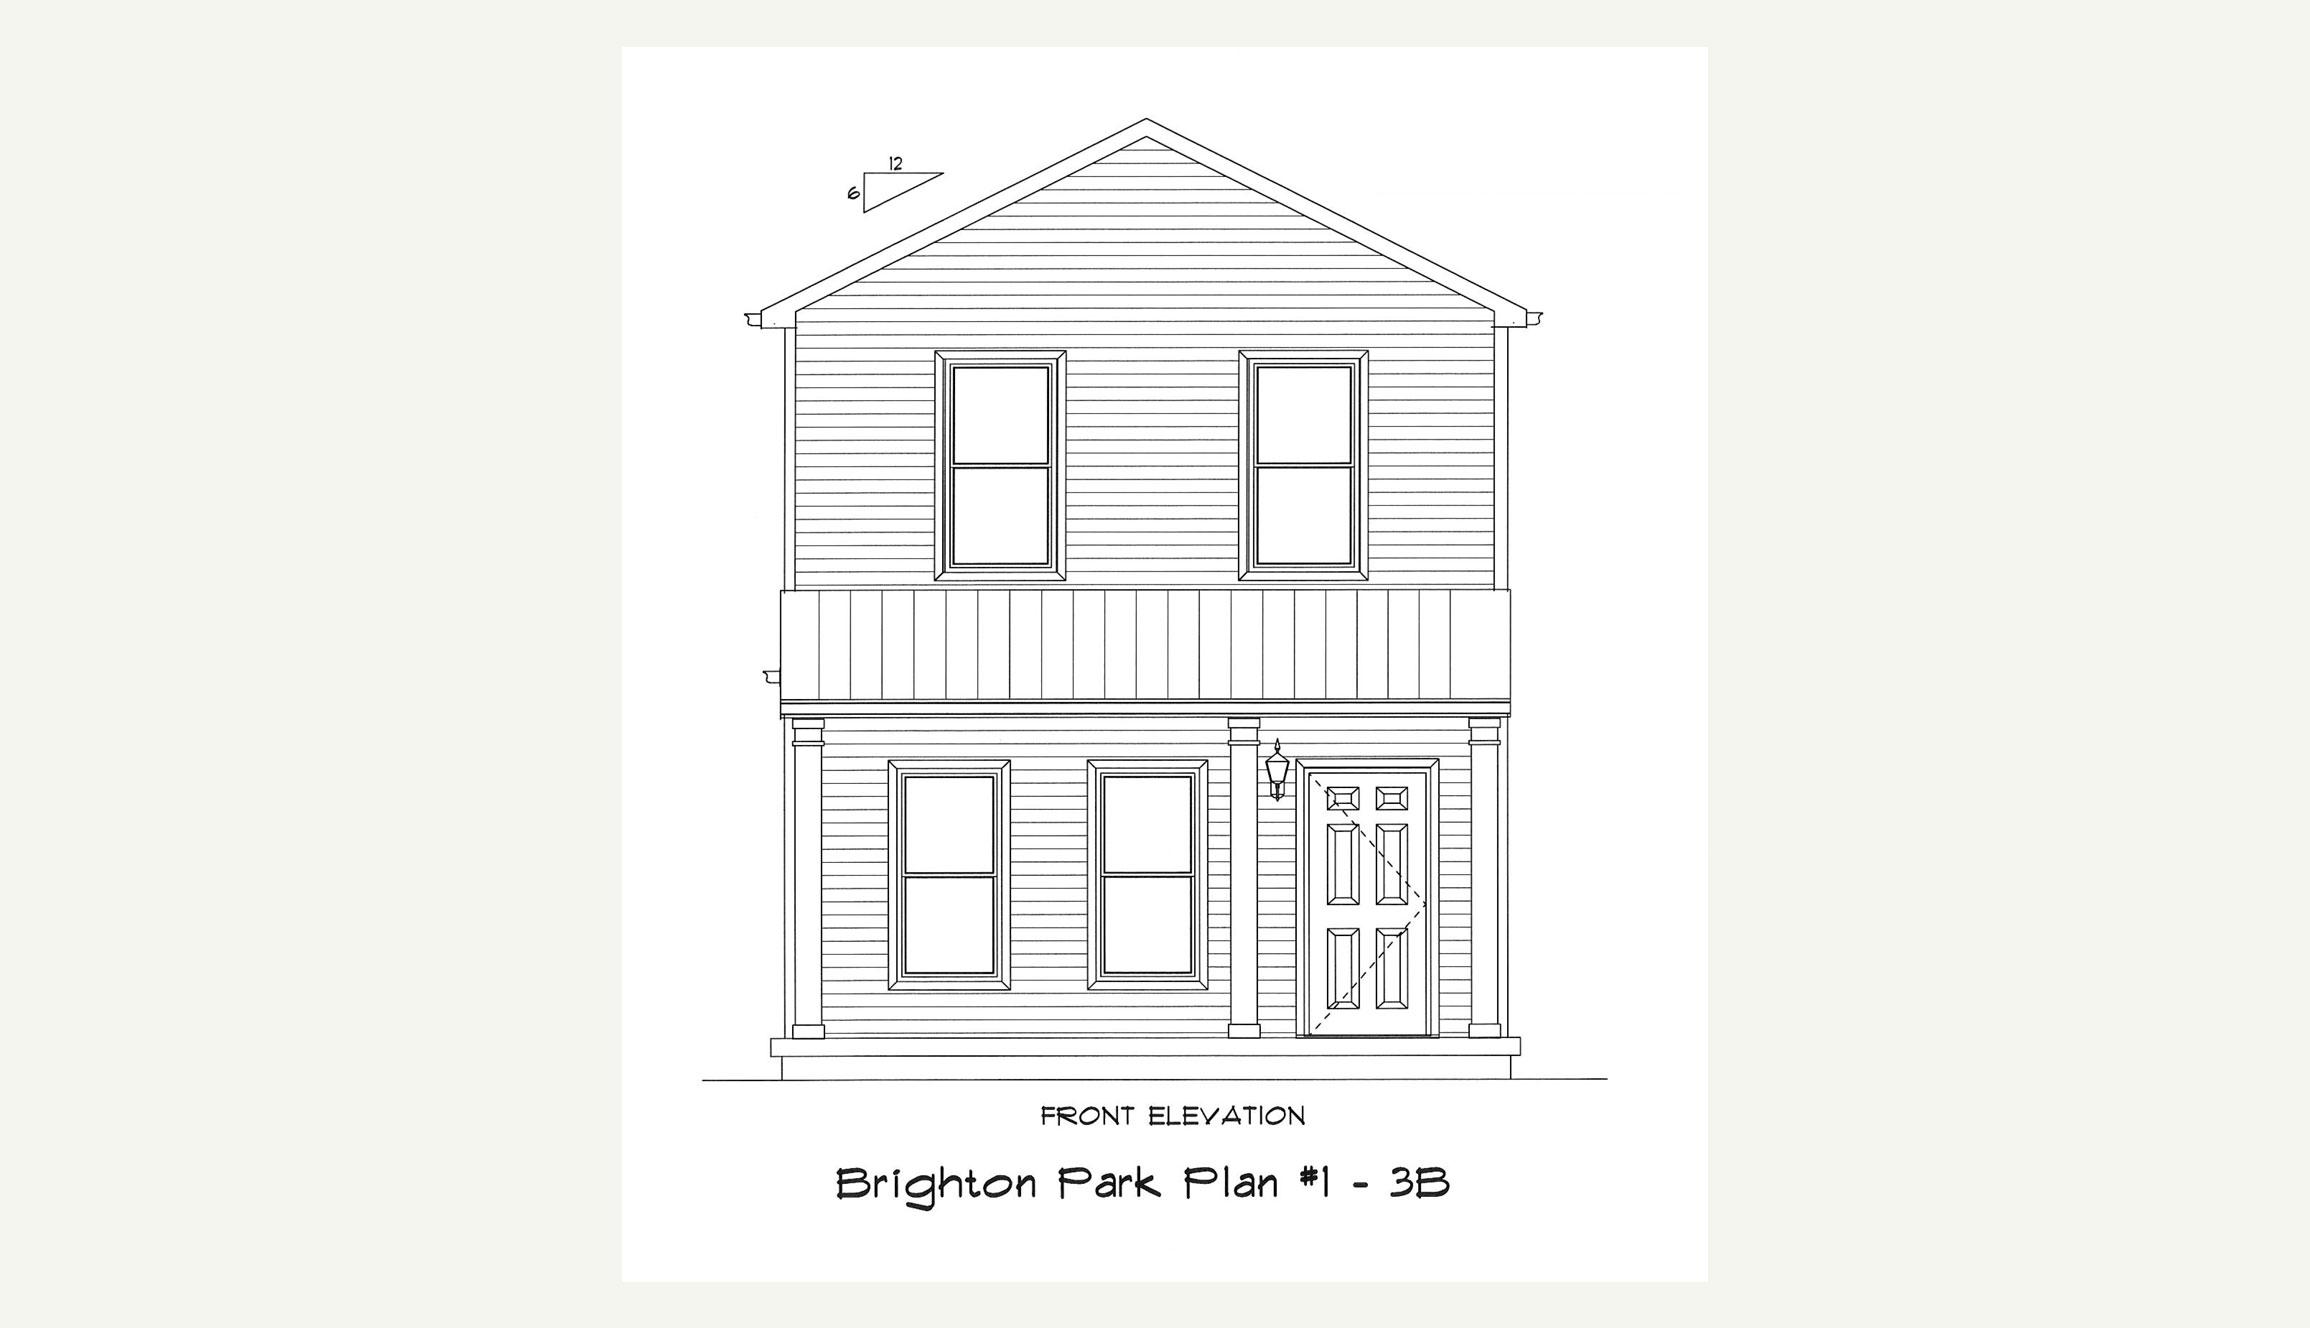 SALewis-BrightonPark-Plan1-3B-Front.jpg